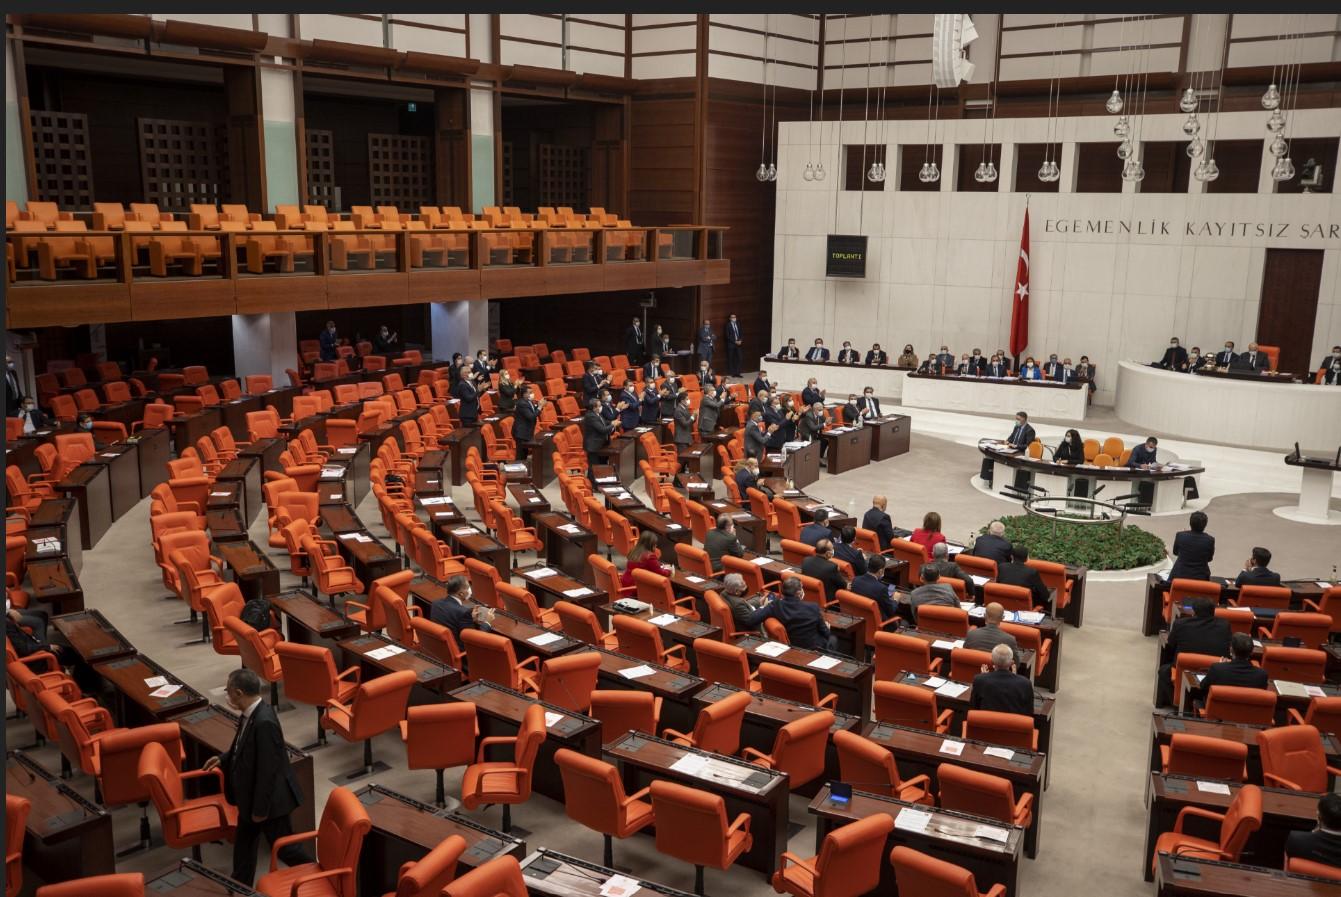 Hukuk reformu kadına şiddeti bitirecek: Rehabilite edilecekler!